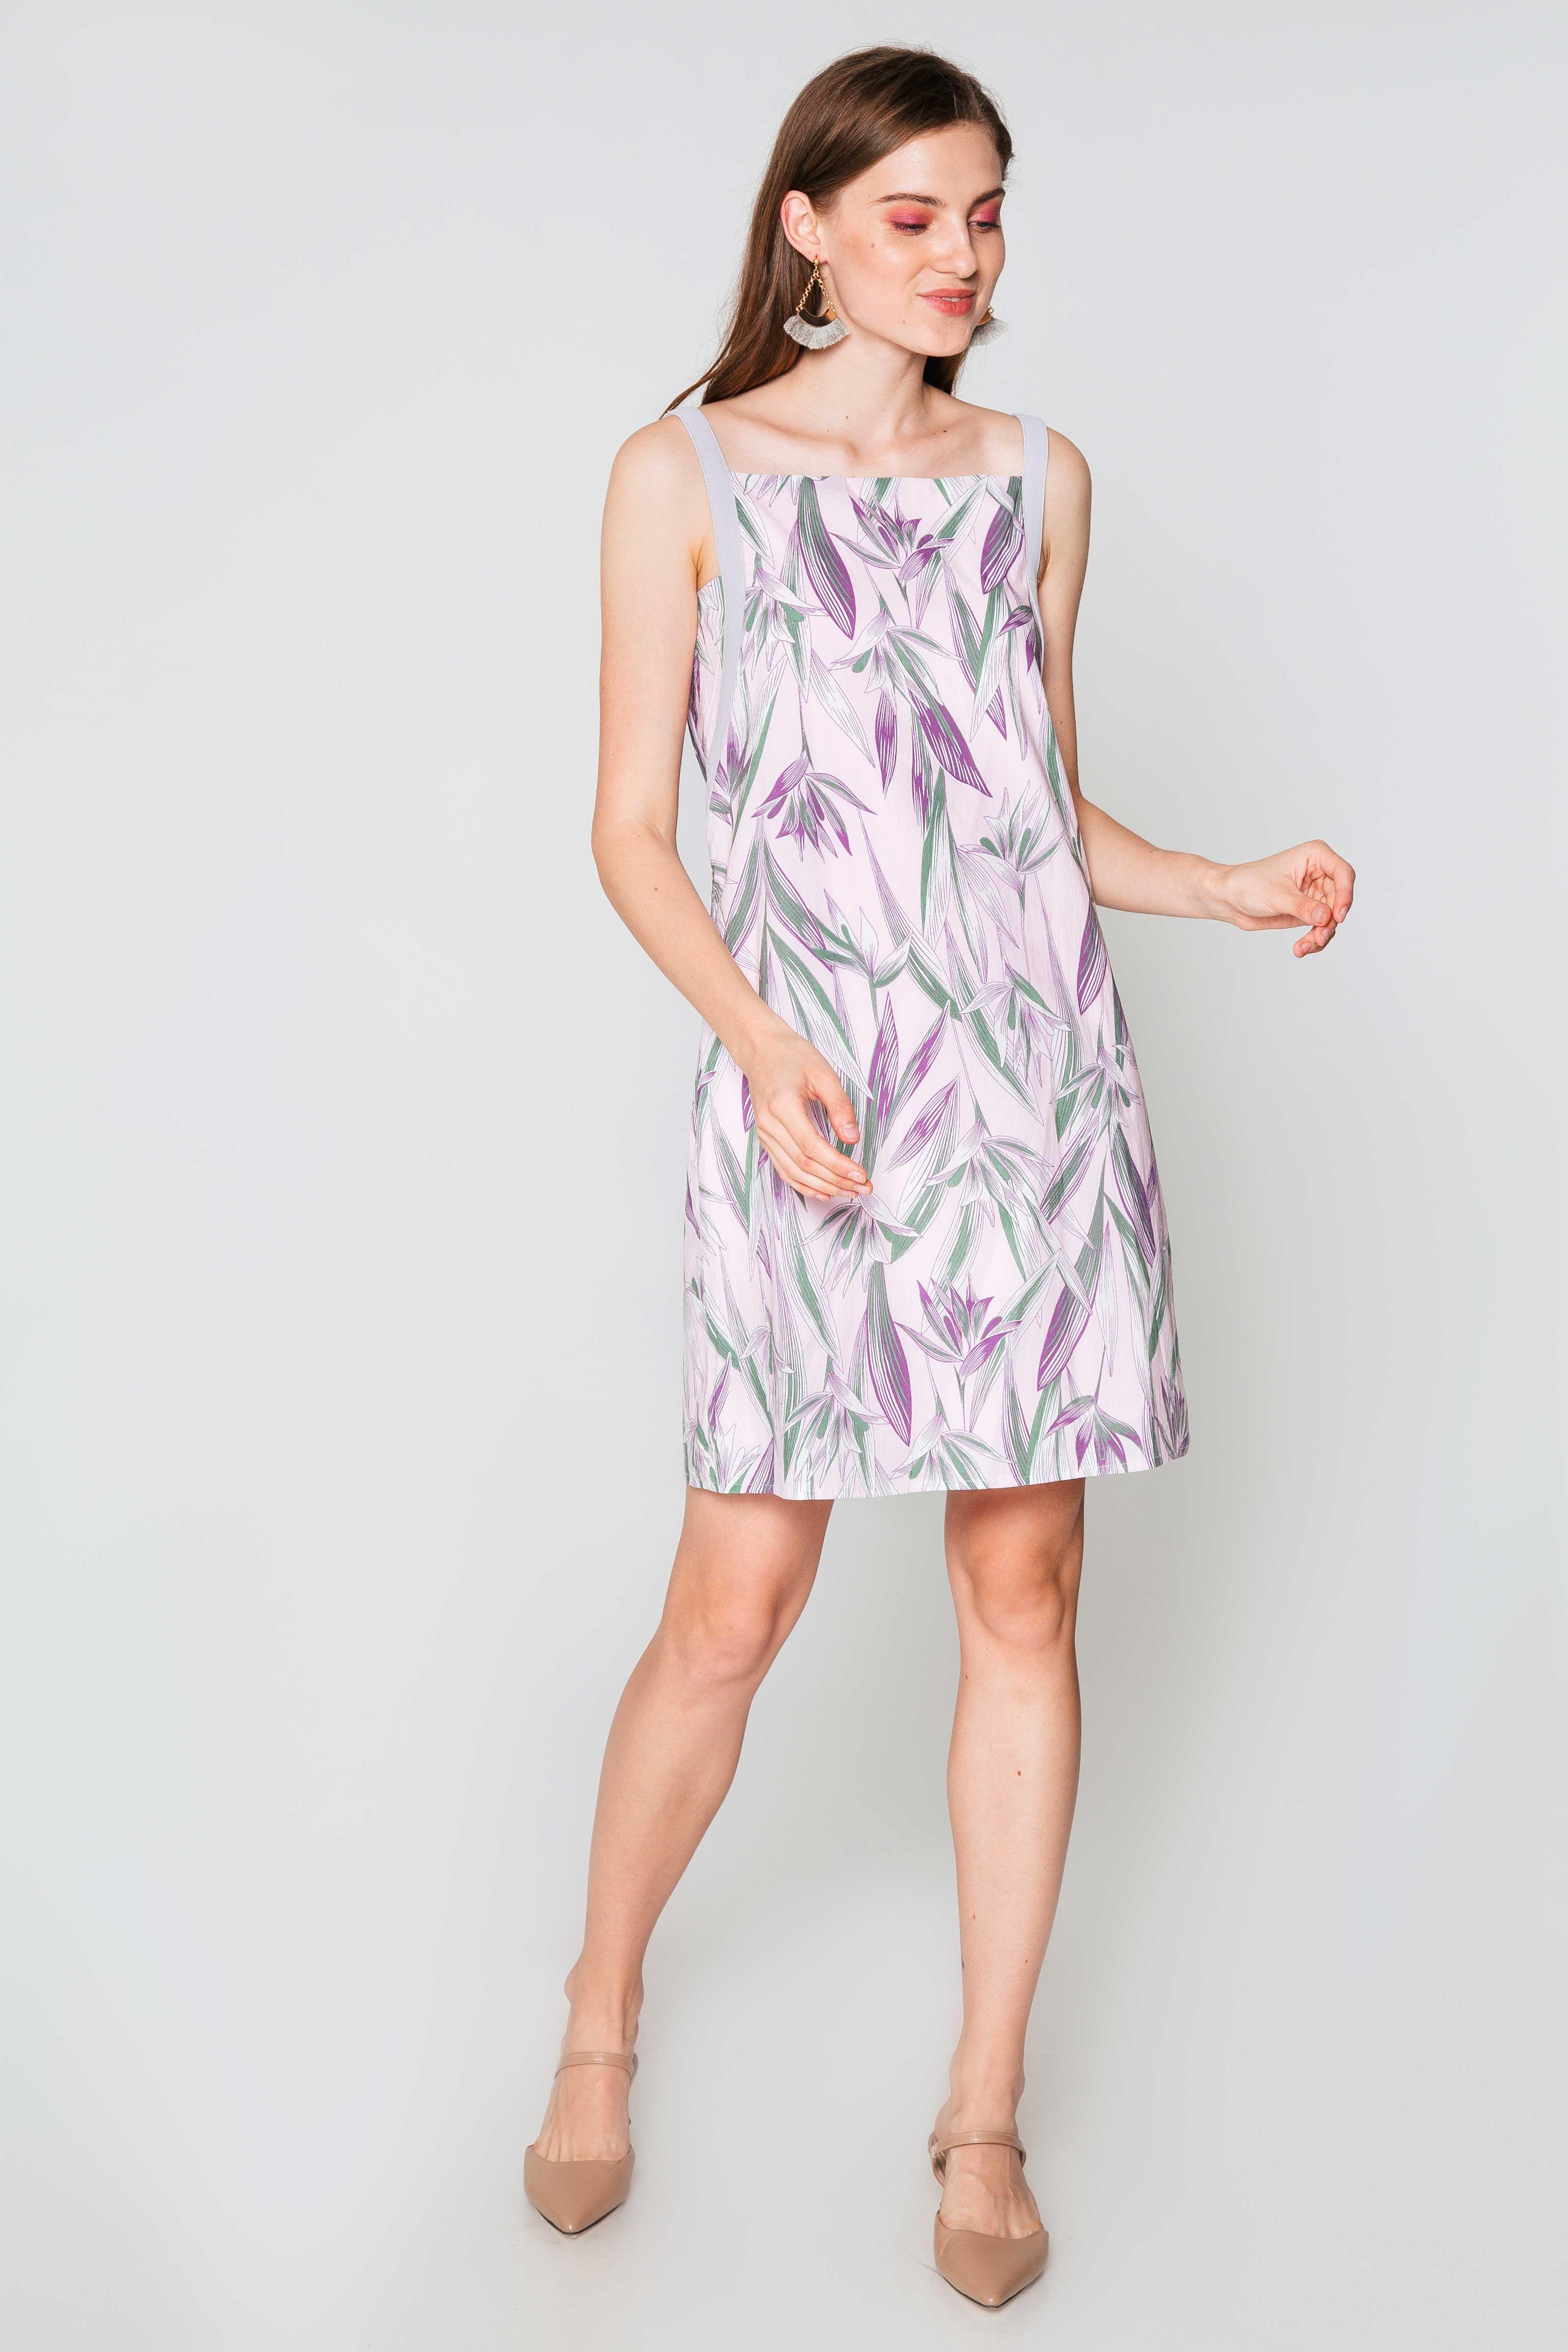 ADRIENNE LEAF PRINTED DRESS